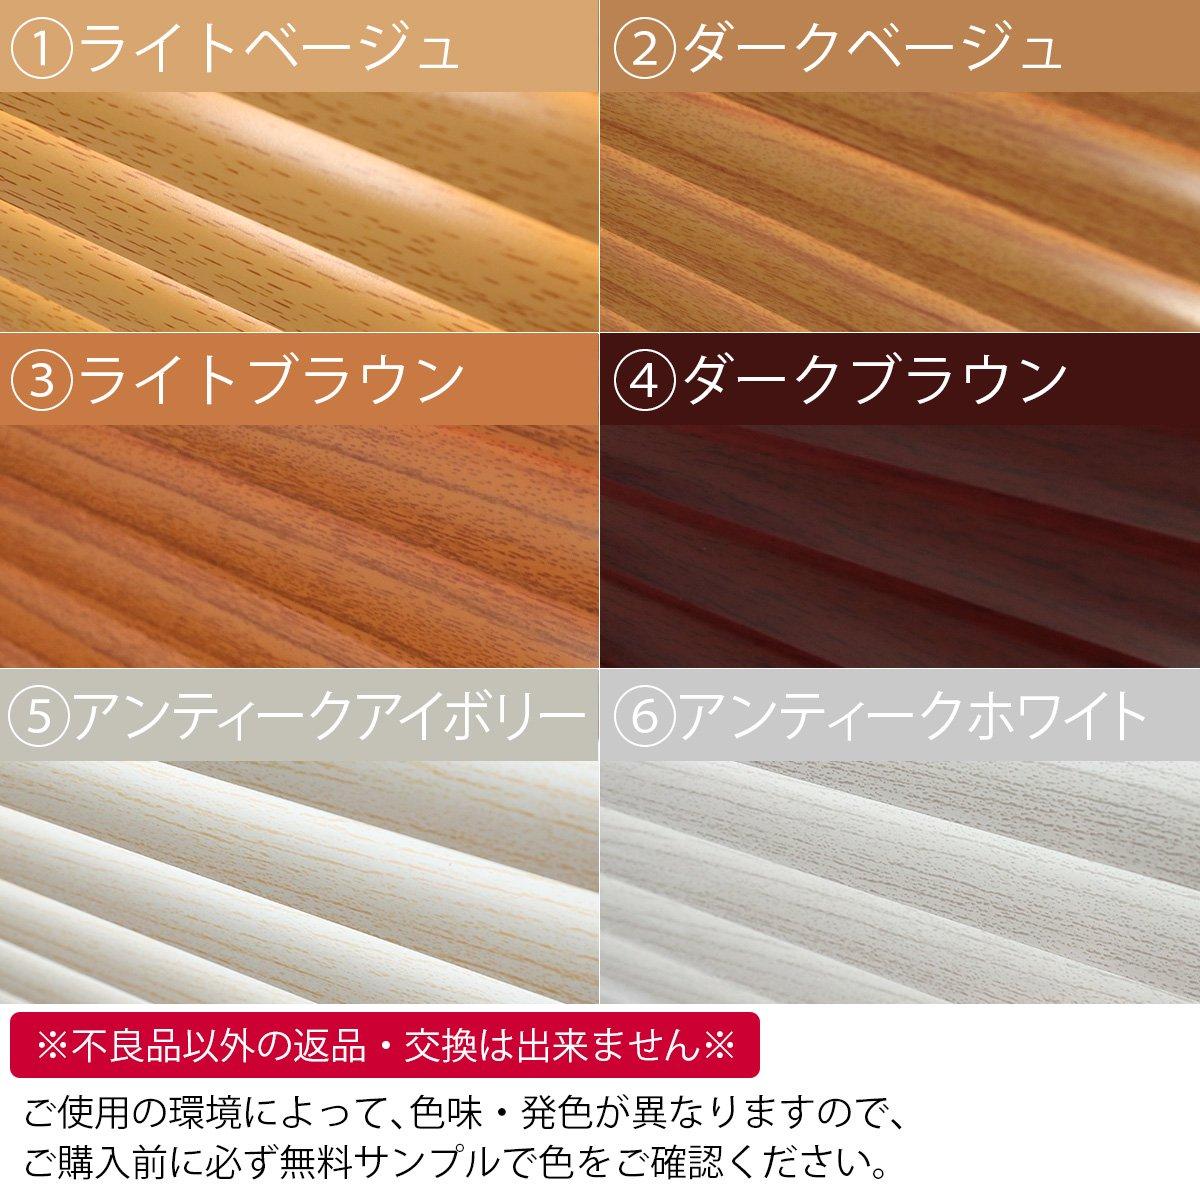 最安値挑戦中!激安!【つっぱり式】アルミブラインド 木調タイプ